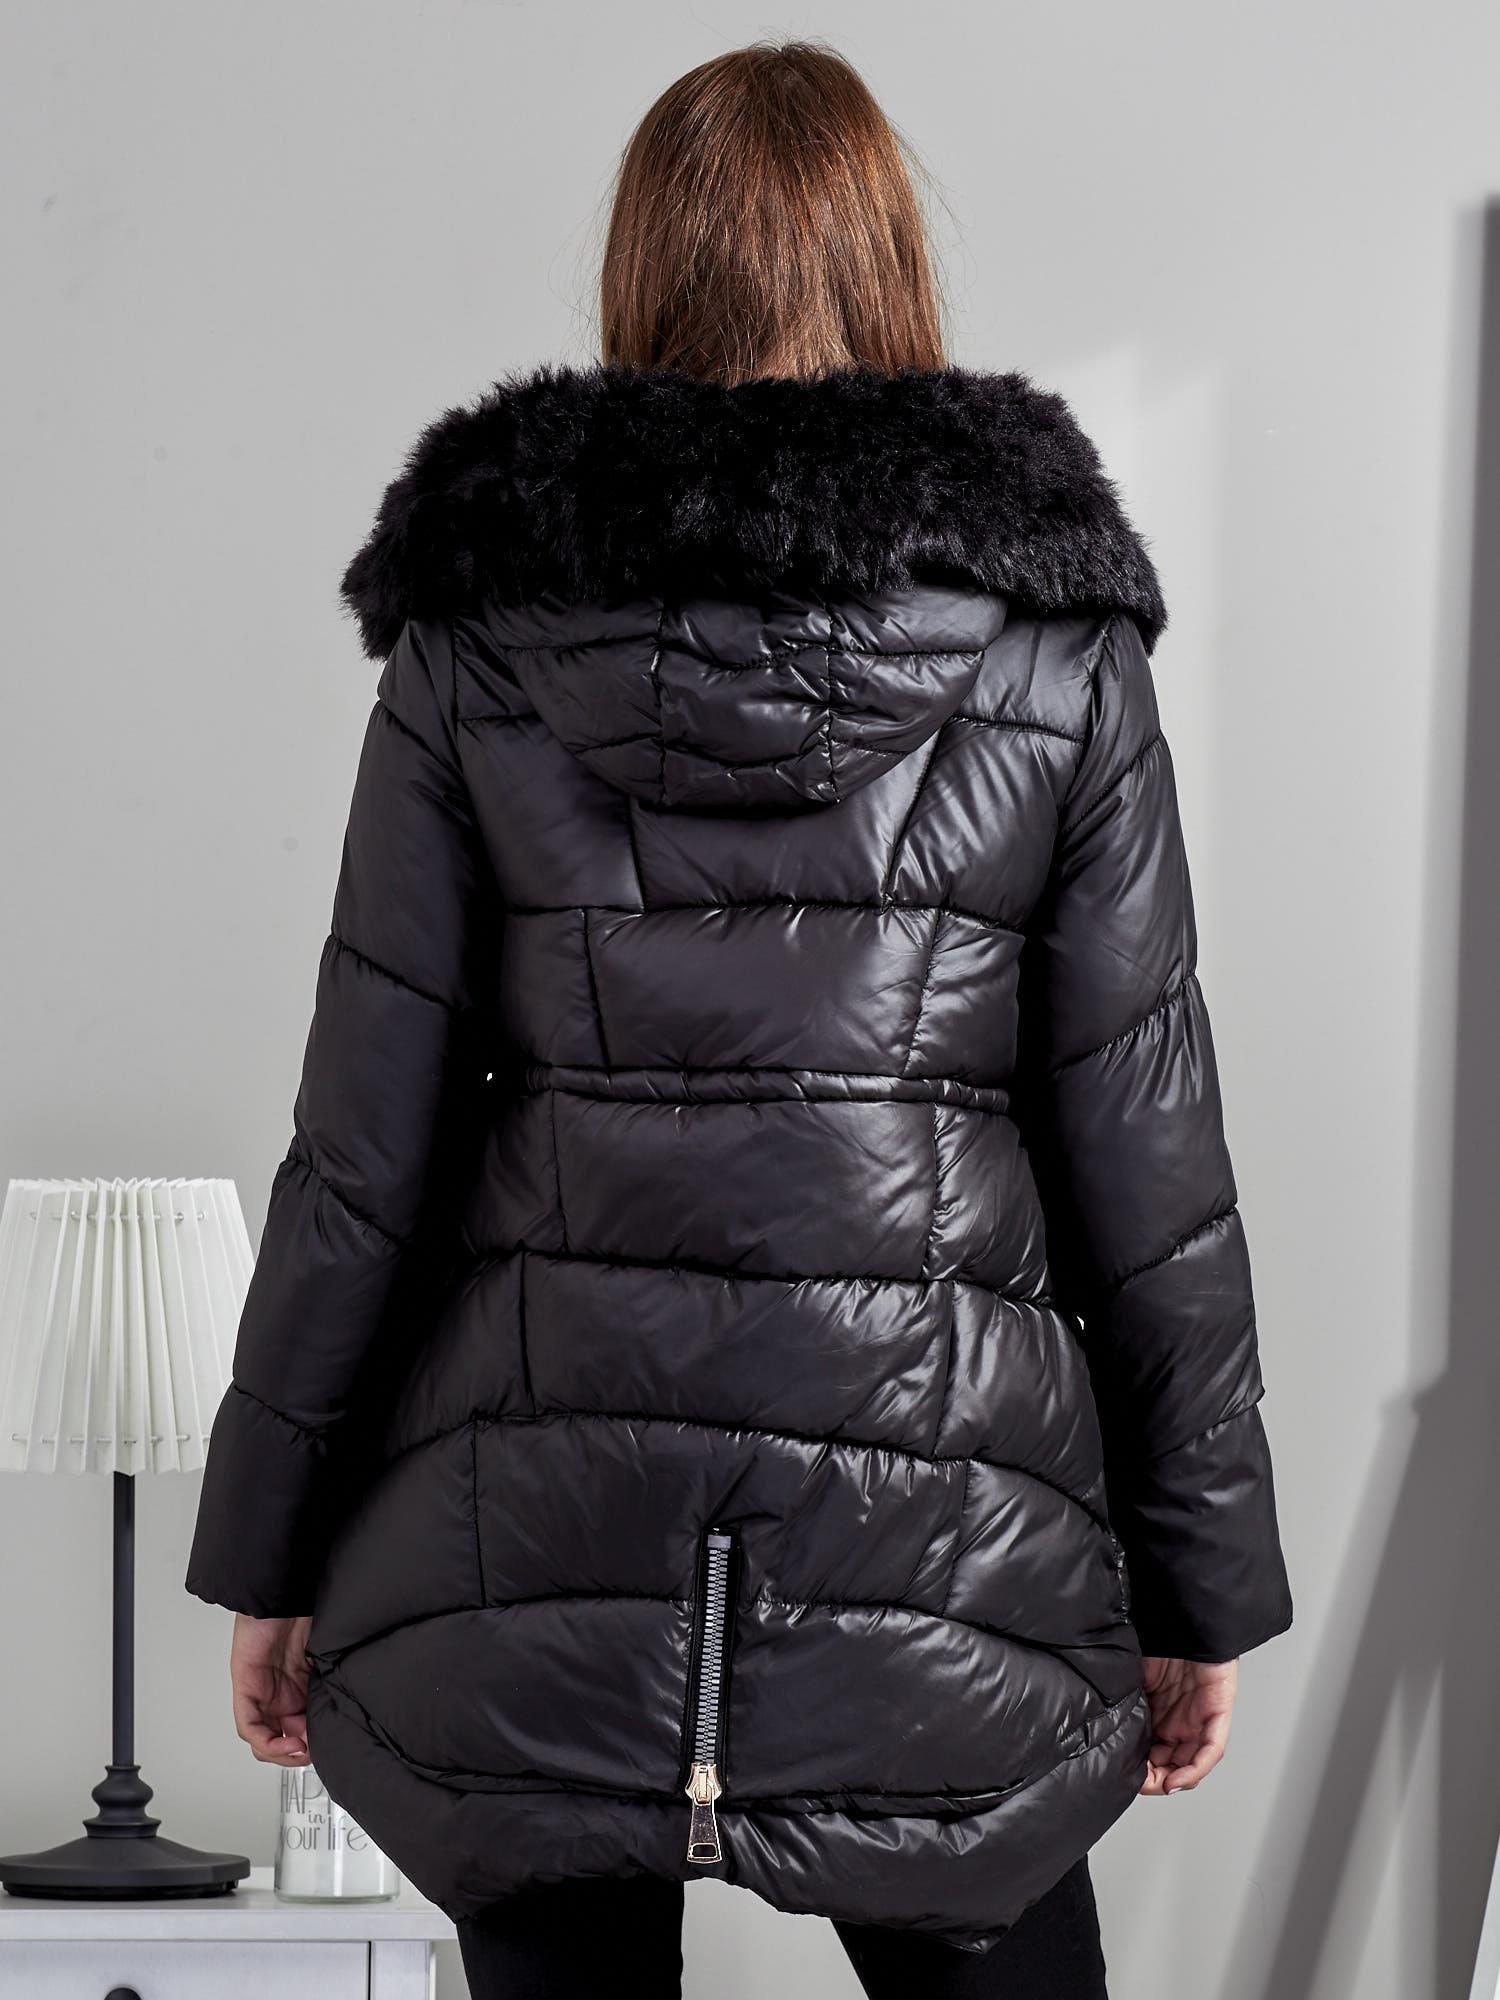 c71ac7261212a Czarna kurtka damska z ozdobnymi suwakami - Kurtka zimowa - sklep ...